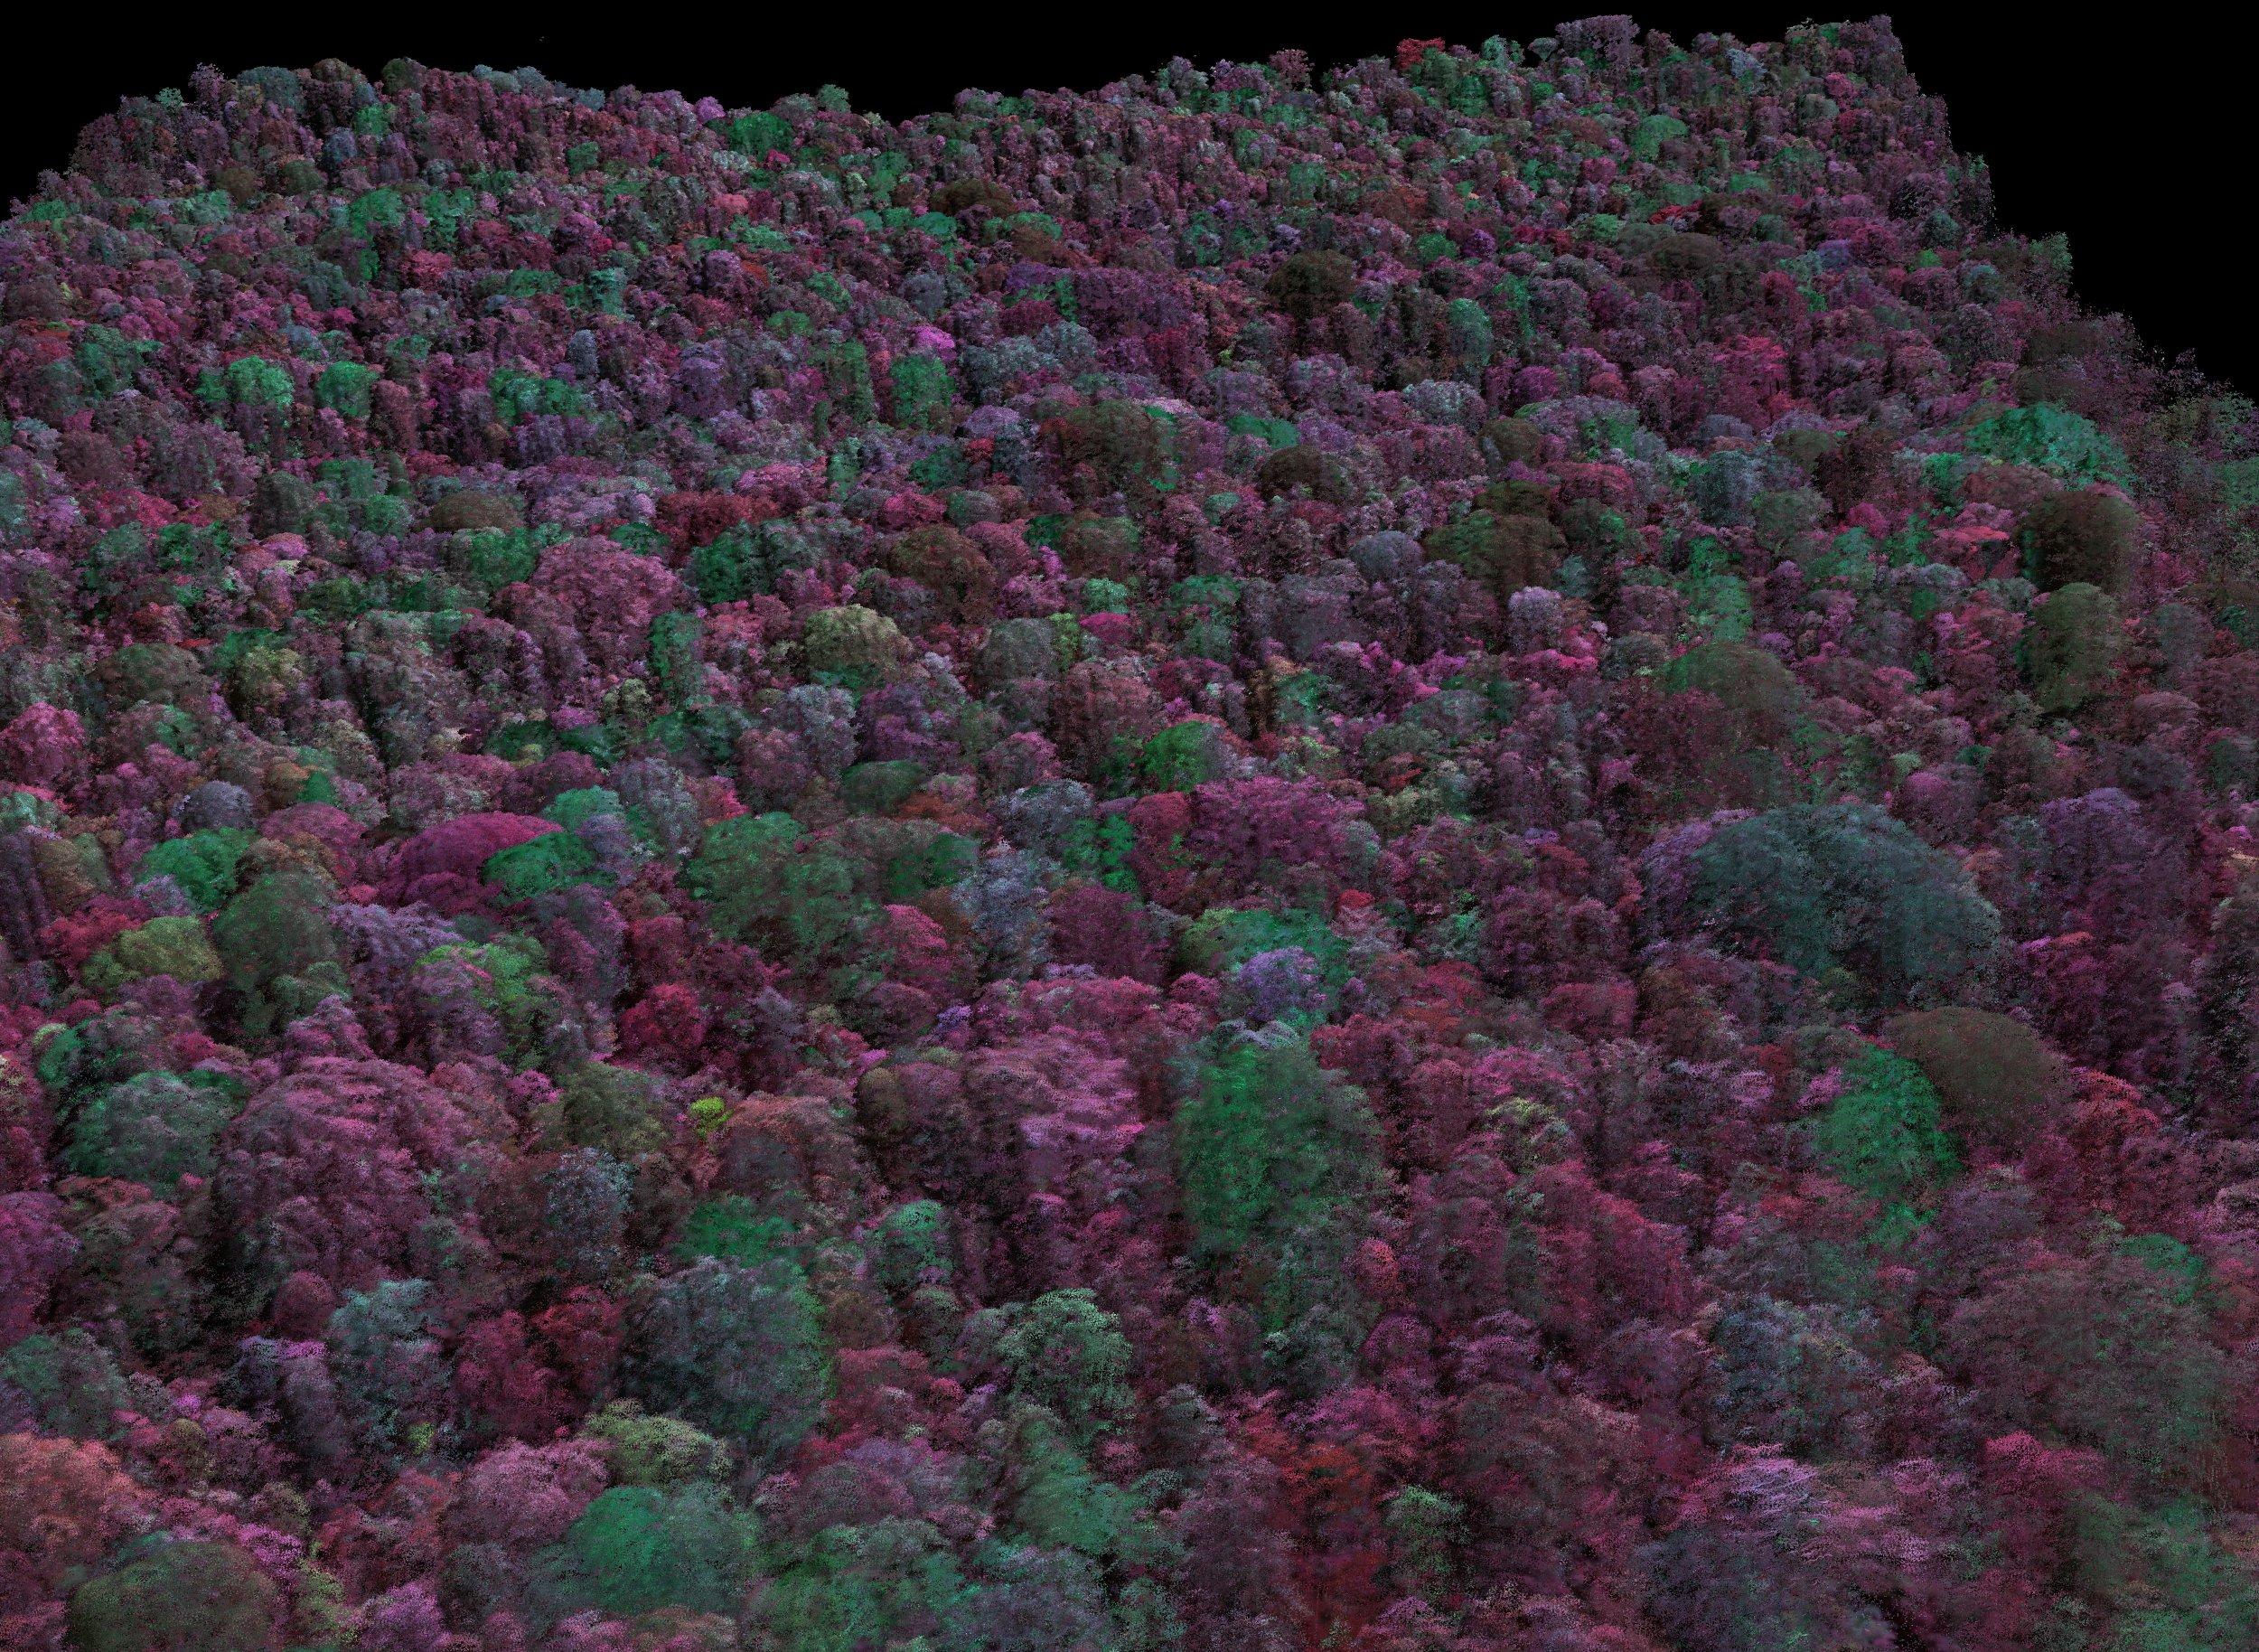 Rainforest in Spectroscopic 3D